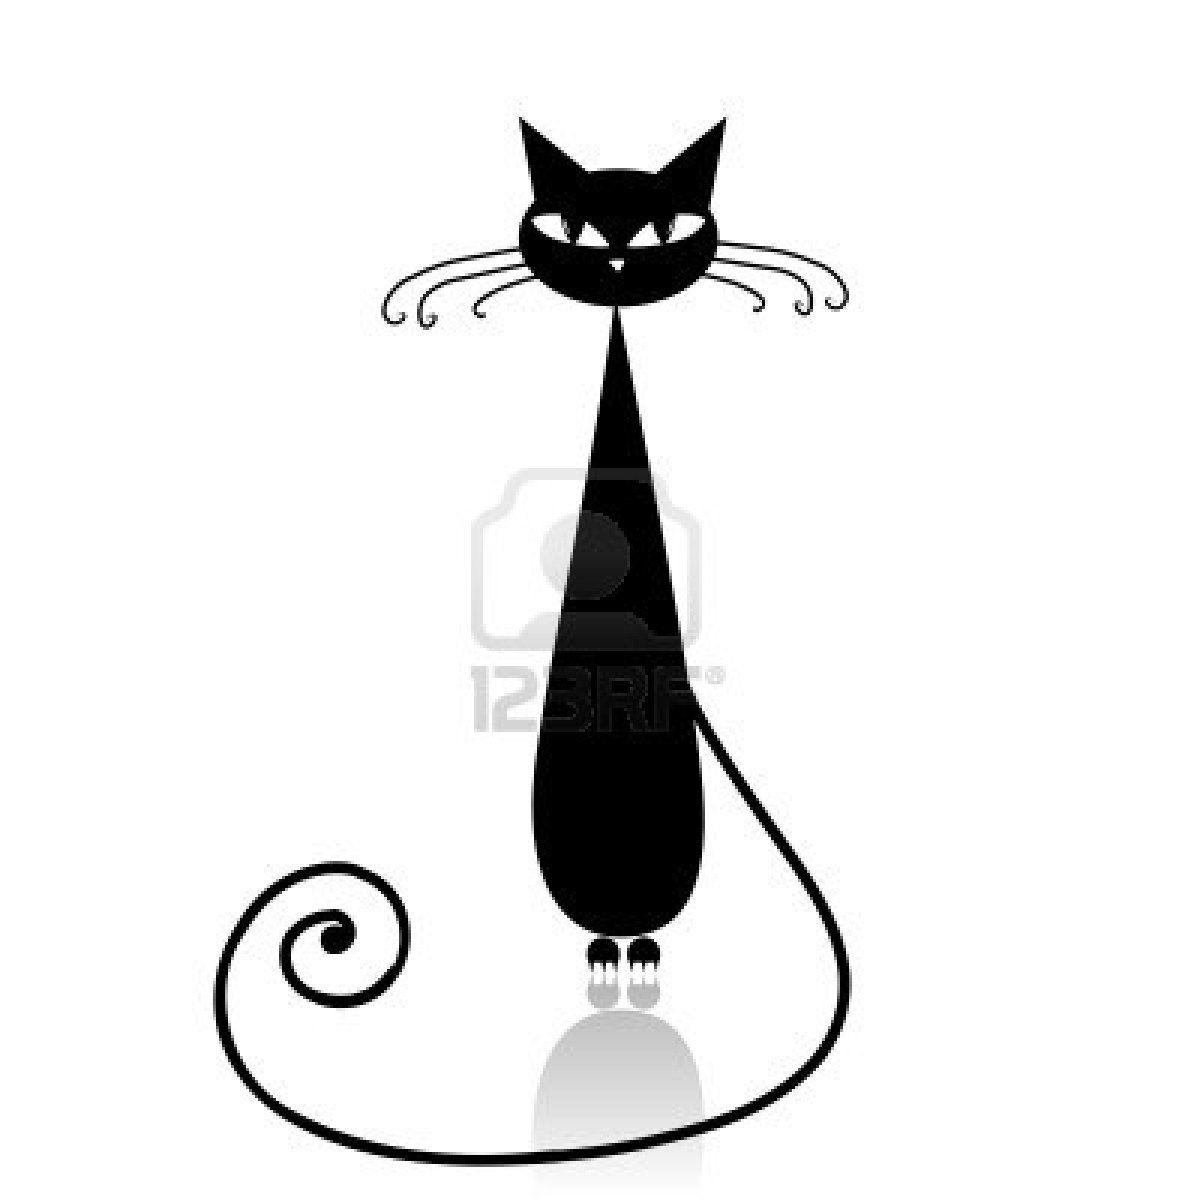 Silhouette de chat noir de votre conception banque d - Dessin chat assis ...